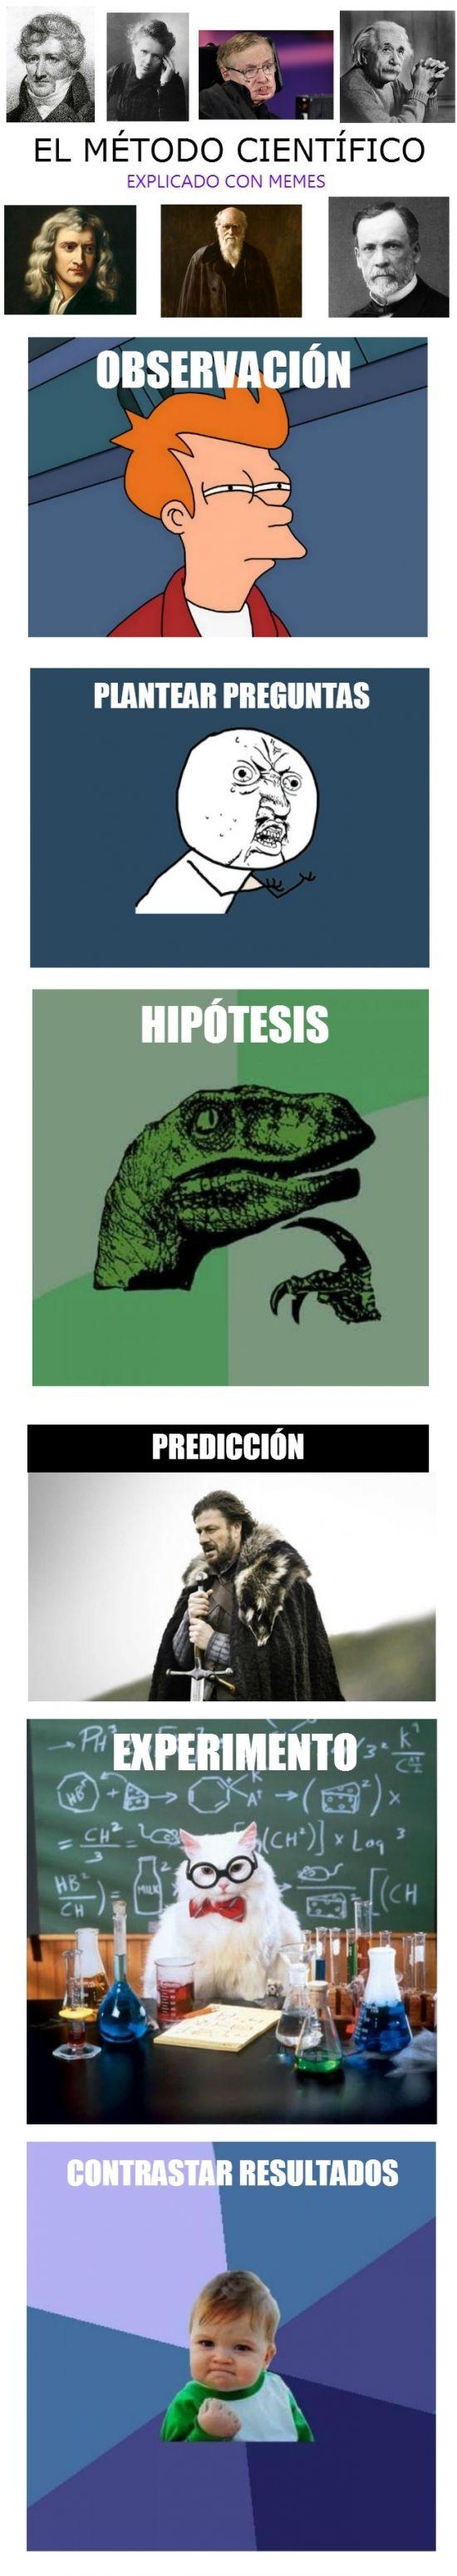 El método científico con memes        Gracias a http://www.cuantocabron.com/   Si quieres leer la noticia completa visita: http://www.estoy-aburrido.com/el-metodo-cientifico-con-memes/